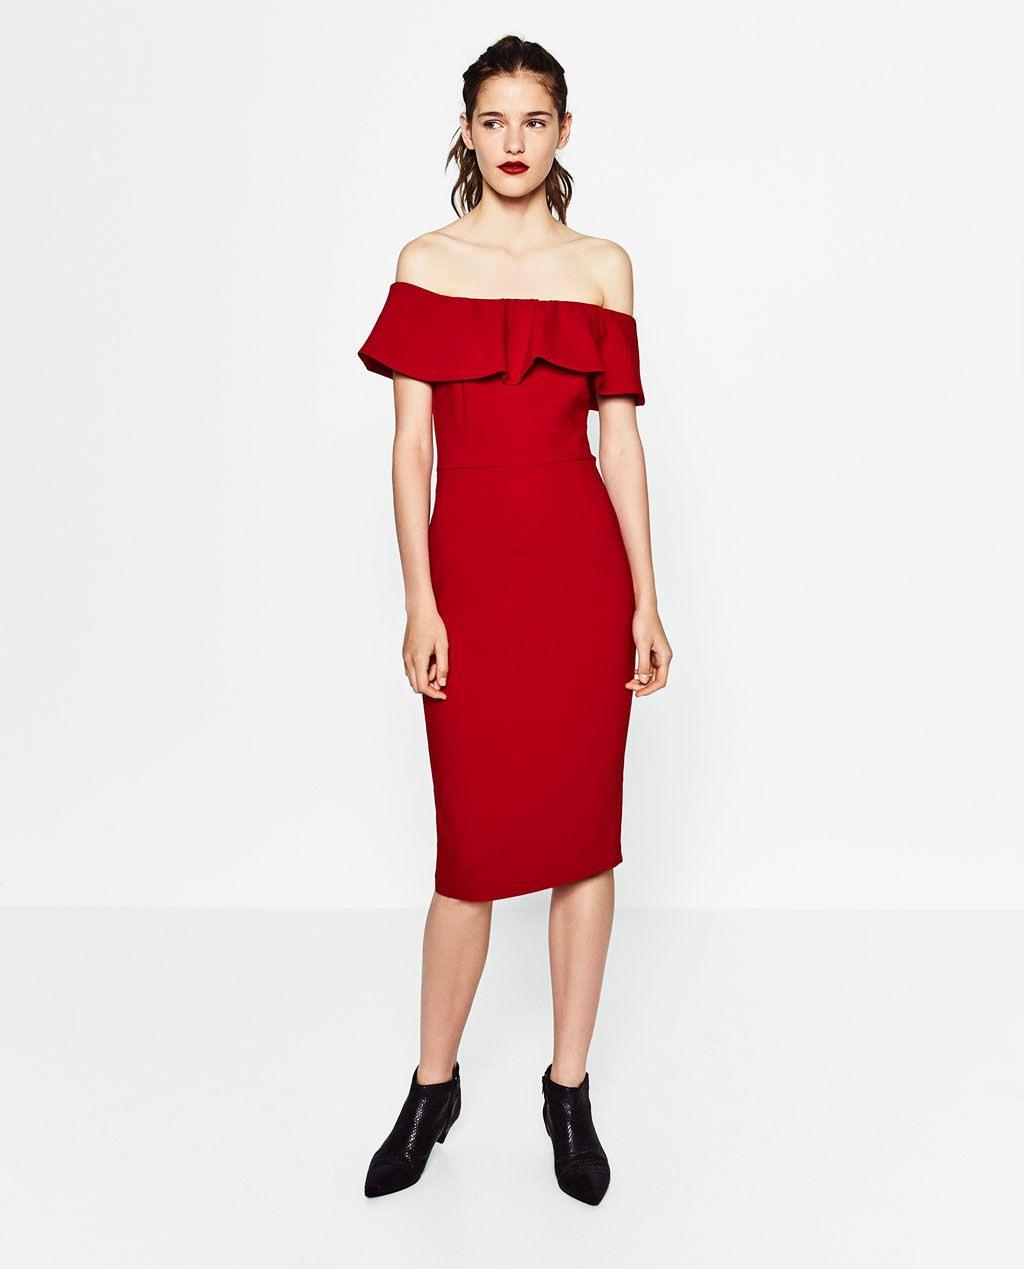 20 Luxurius Abendkleid Von Zara Spezialgebiet15 Schön Abendkleid Von Zara Design